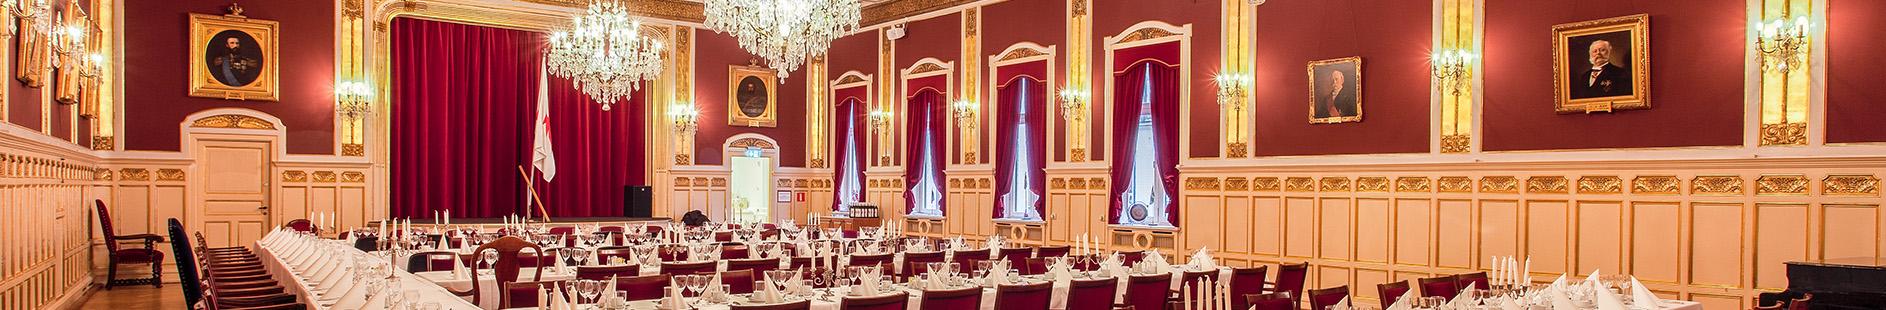 Hotell Scandic Stortorget i Malmö Konferensanläggningar.se